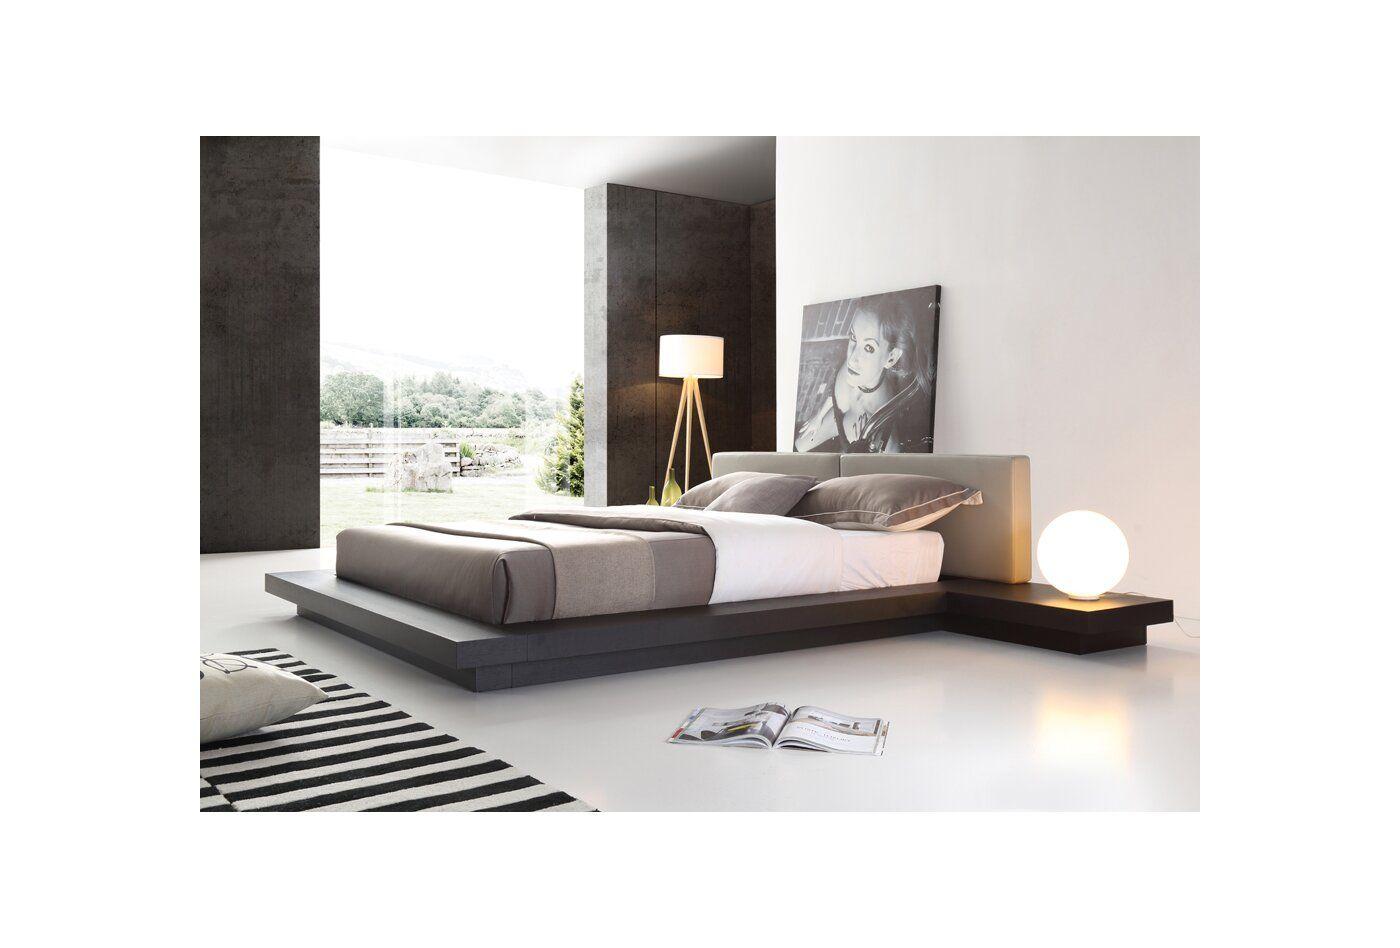 Carter Upholstered Platform Bed Modern Platform Bed Upholstered